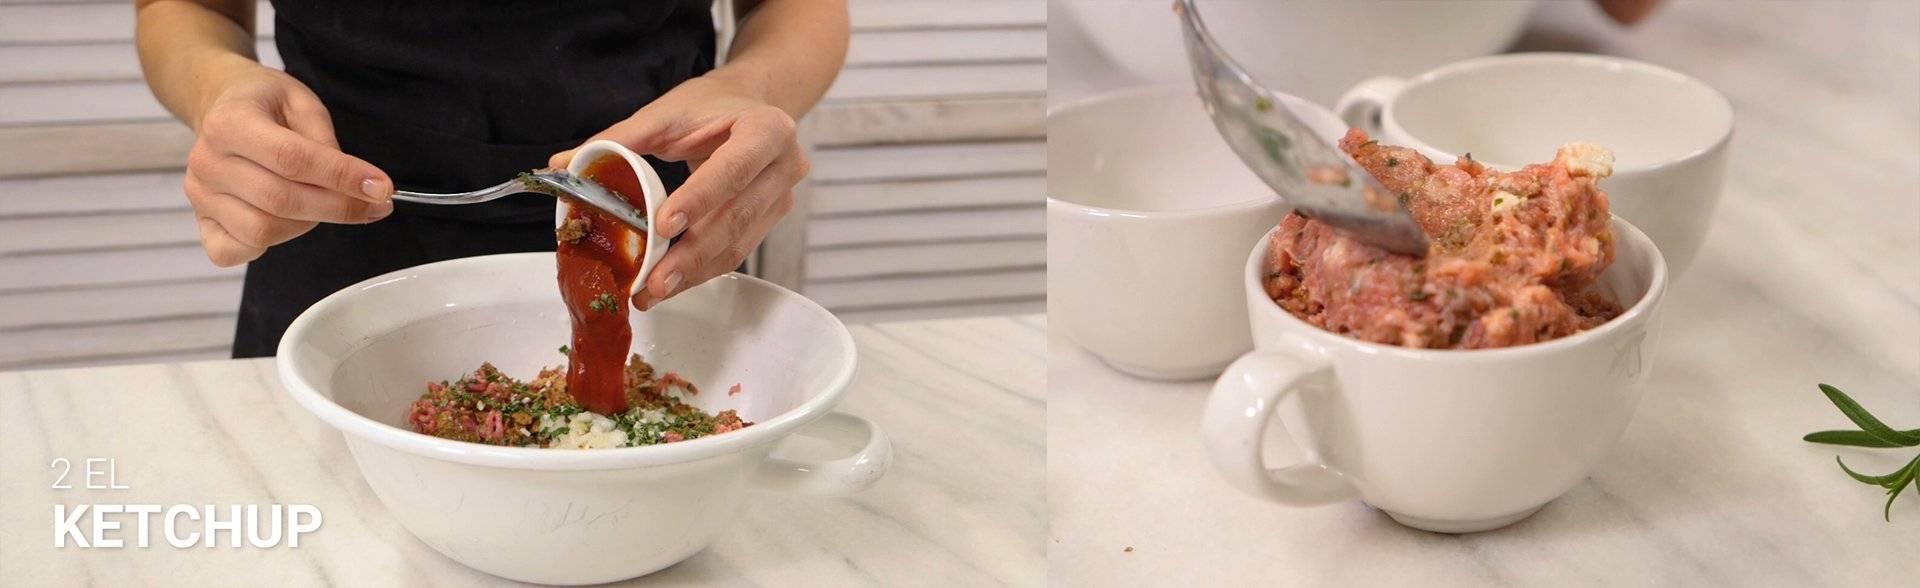 Cooking Catrin kocht Tassenfaschiertes aus Hofkultur-Qualität